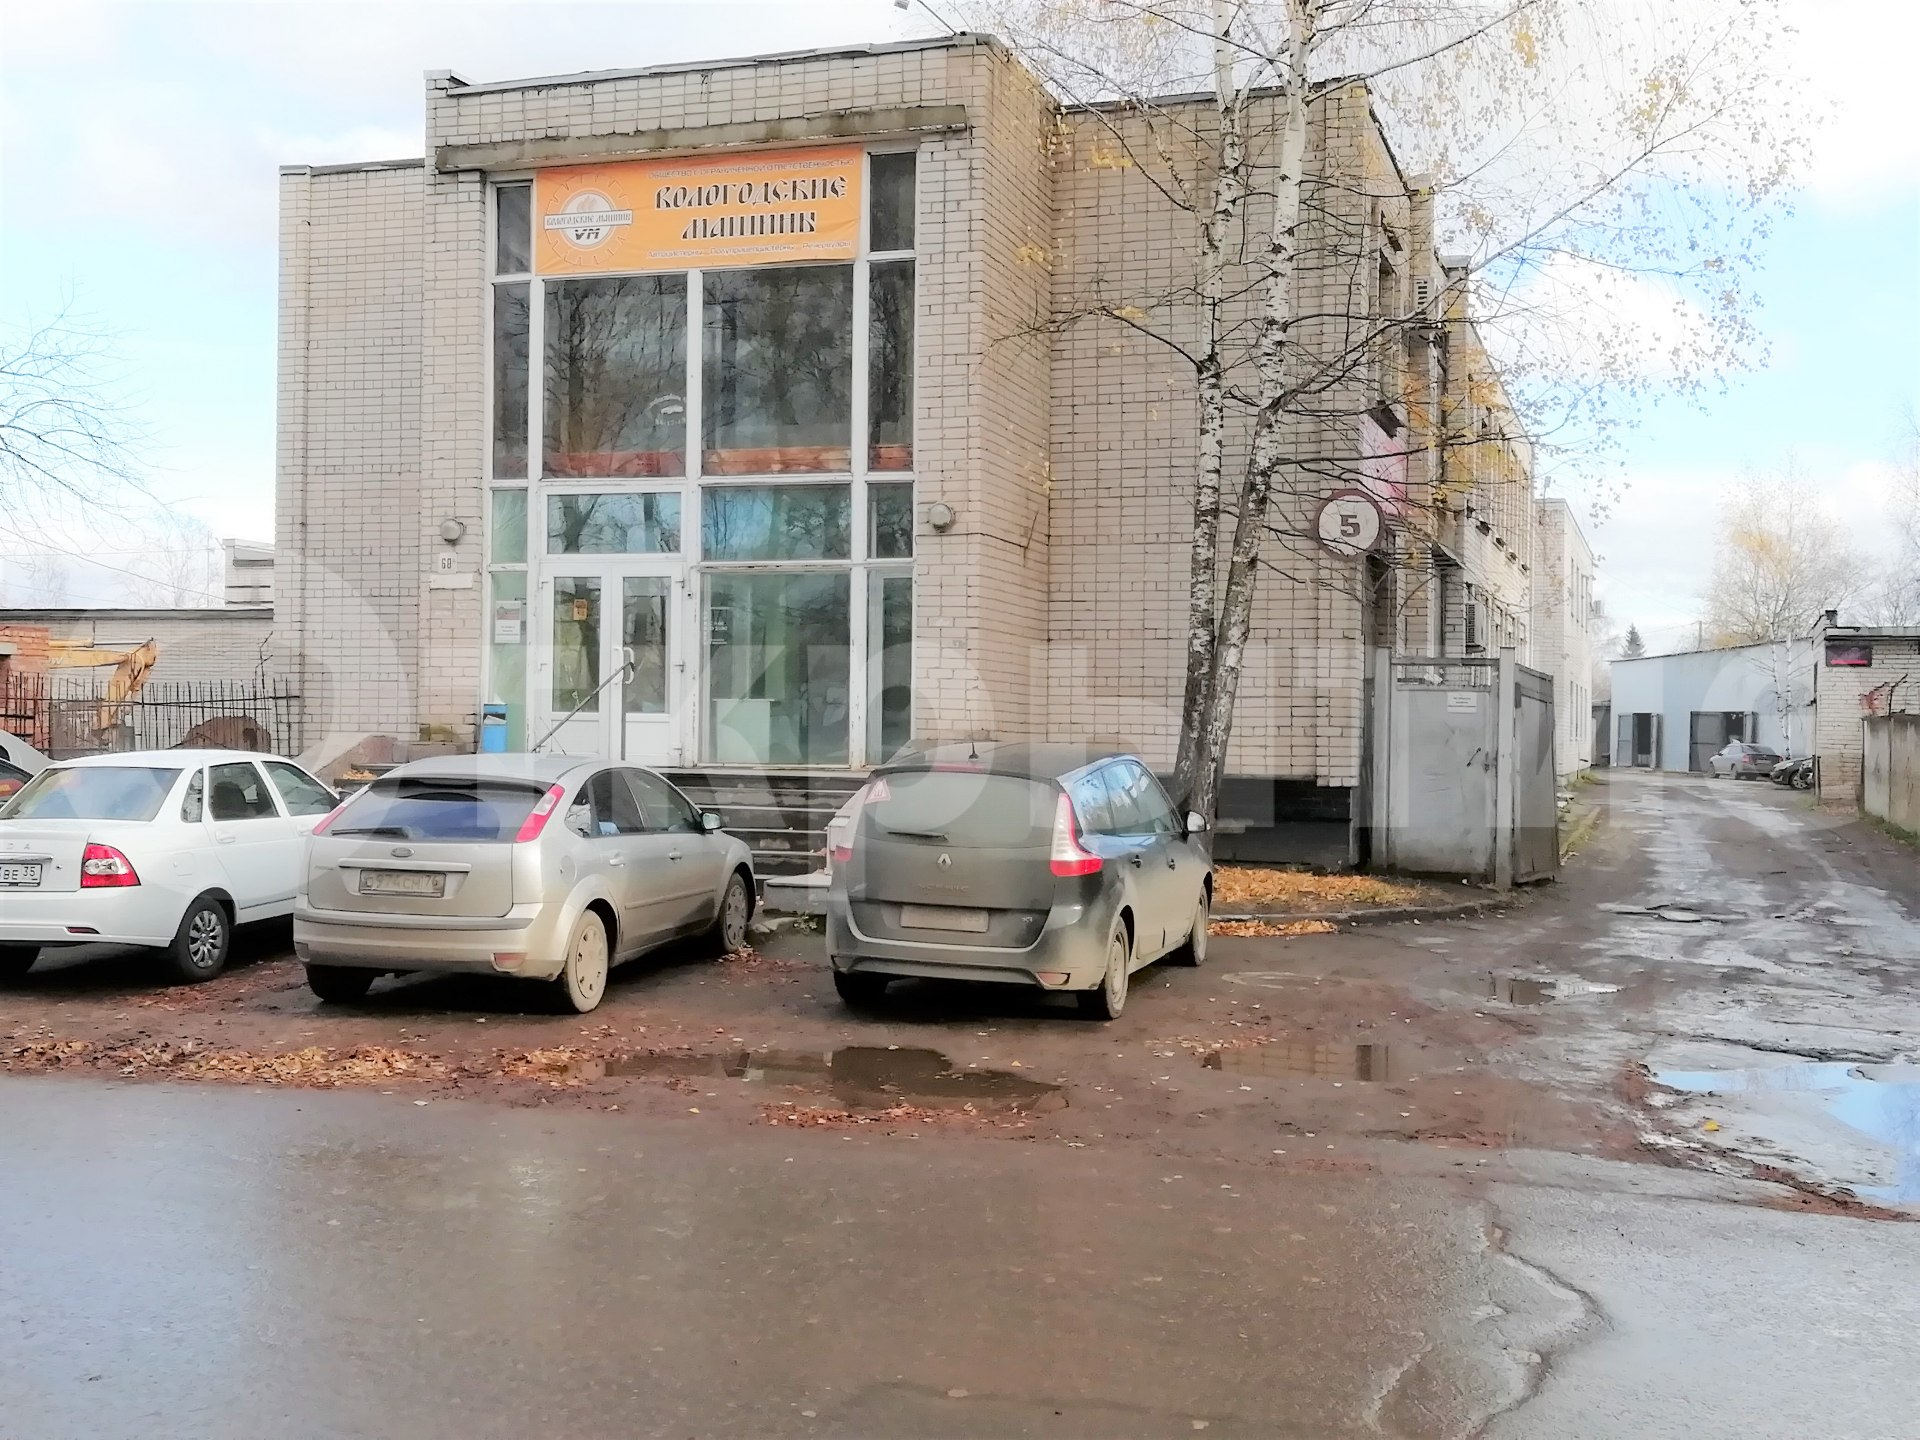 Вологда, городской округ Вологда, Вологда, улица Добролюбова, 68